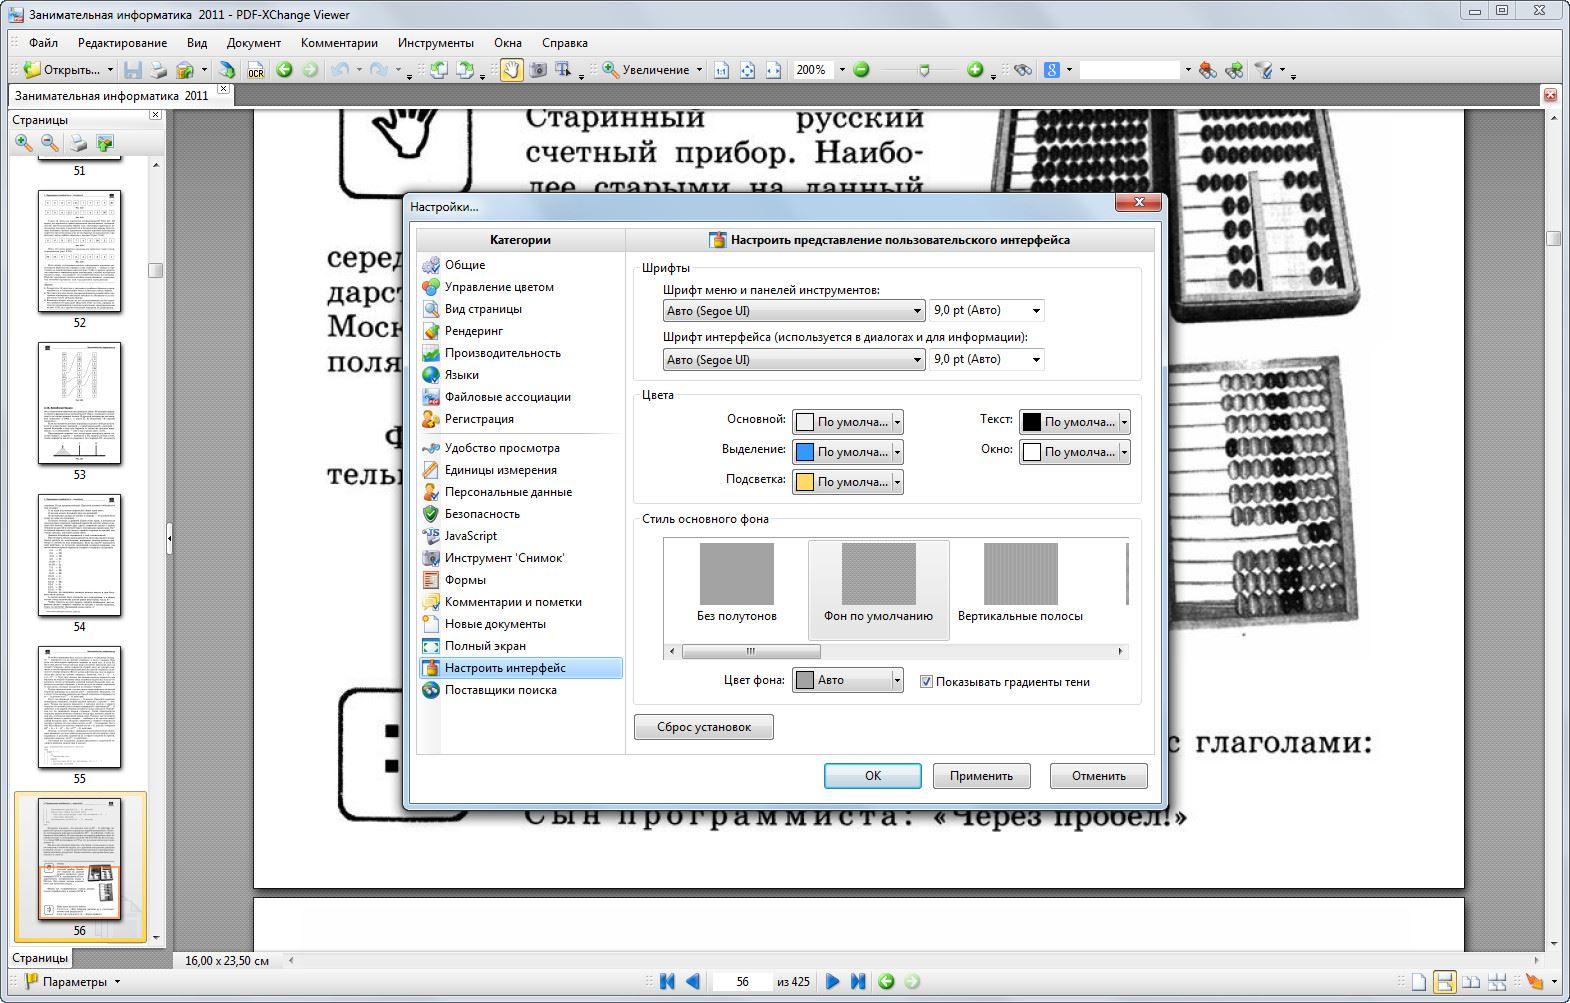 PDF-XChange Viewer Pro 2.5.319.0 RePack (& Portable) by D!akov